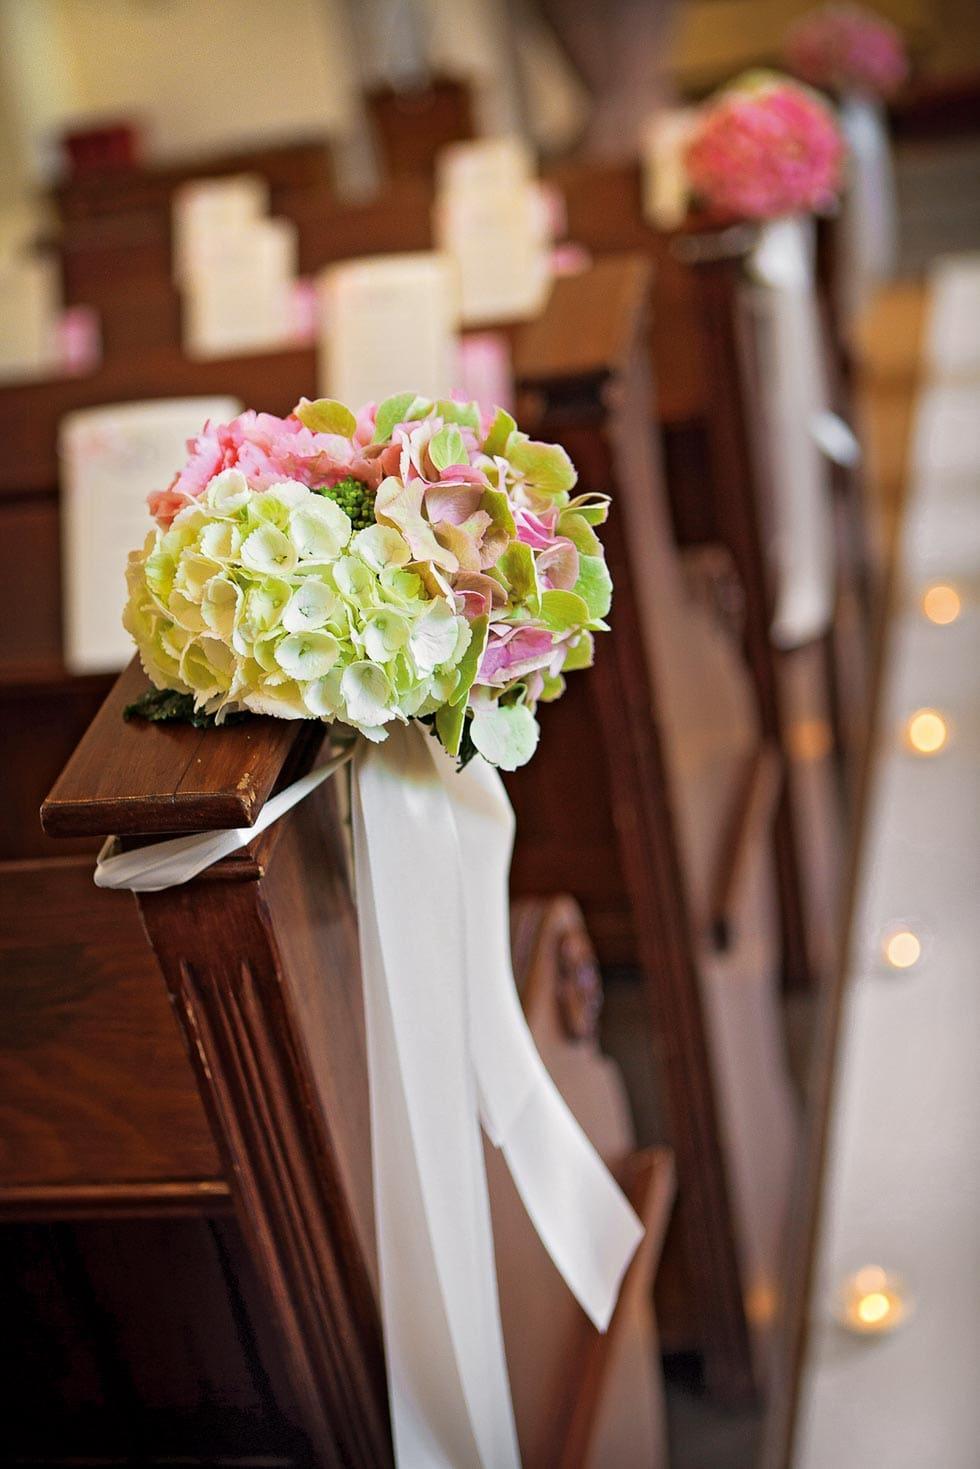 kirchendekoration hochzeit planen mit weddingstyle. Black Bedroom Furniture Sets. Home Design Ideas